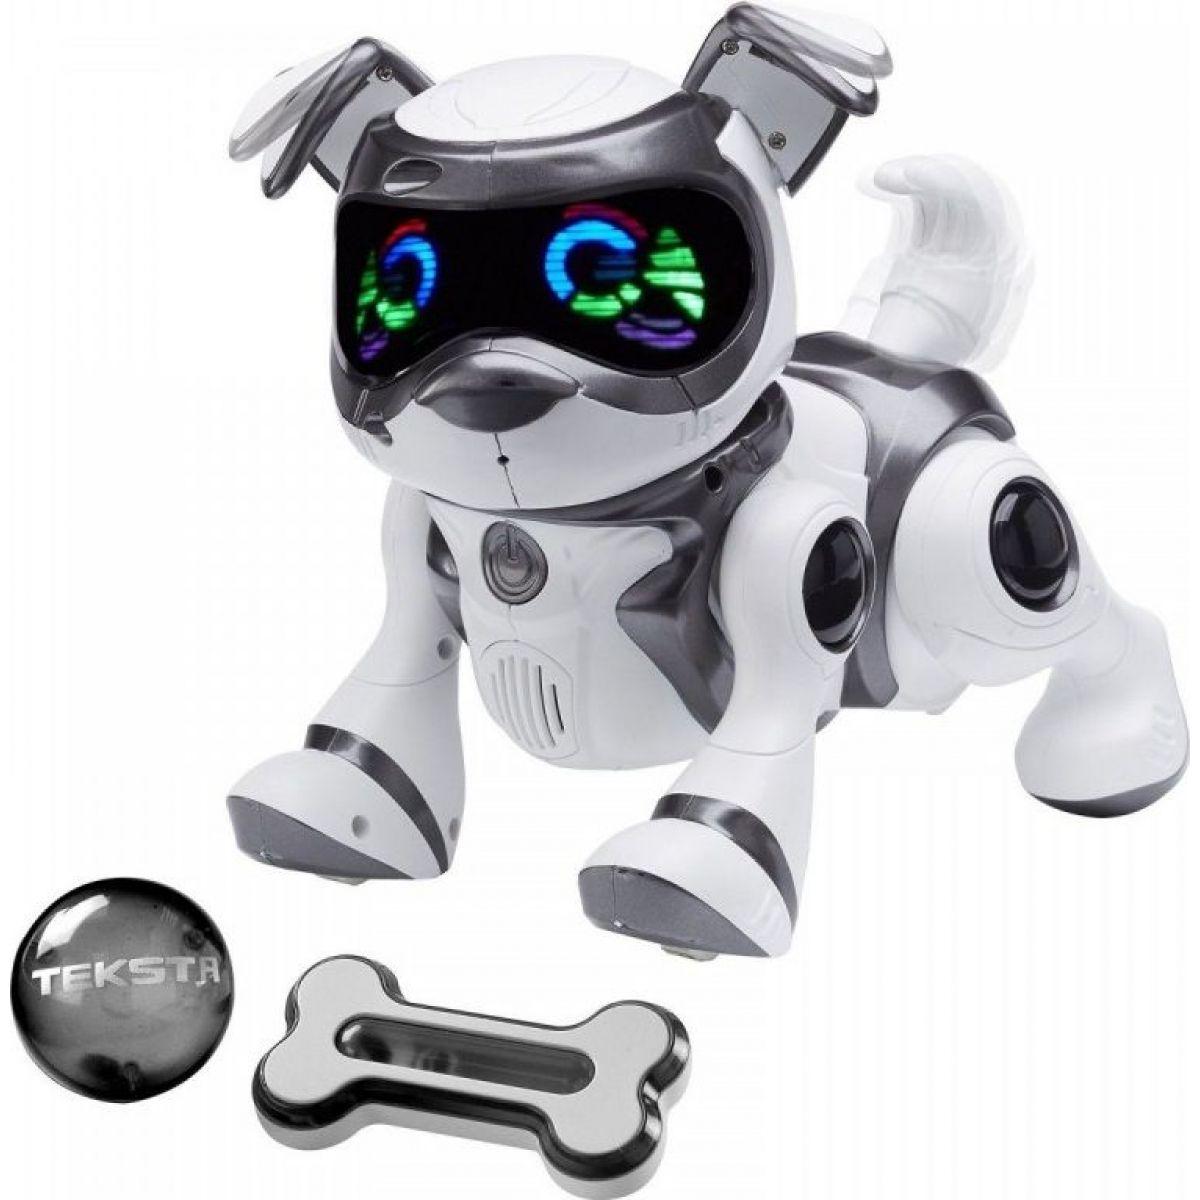 Cobi Teksta Robotické štěně ovládané hlasem Bílo-černá